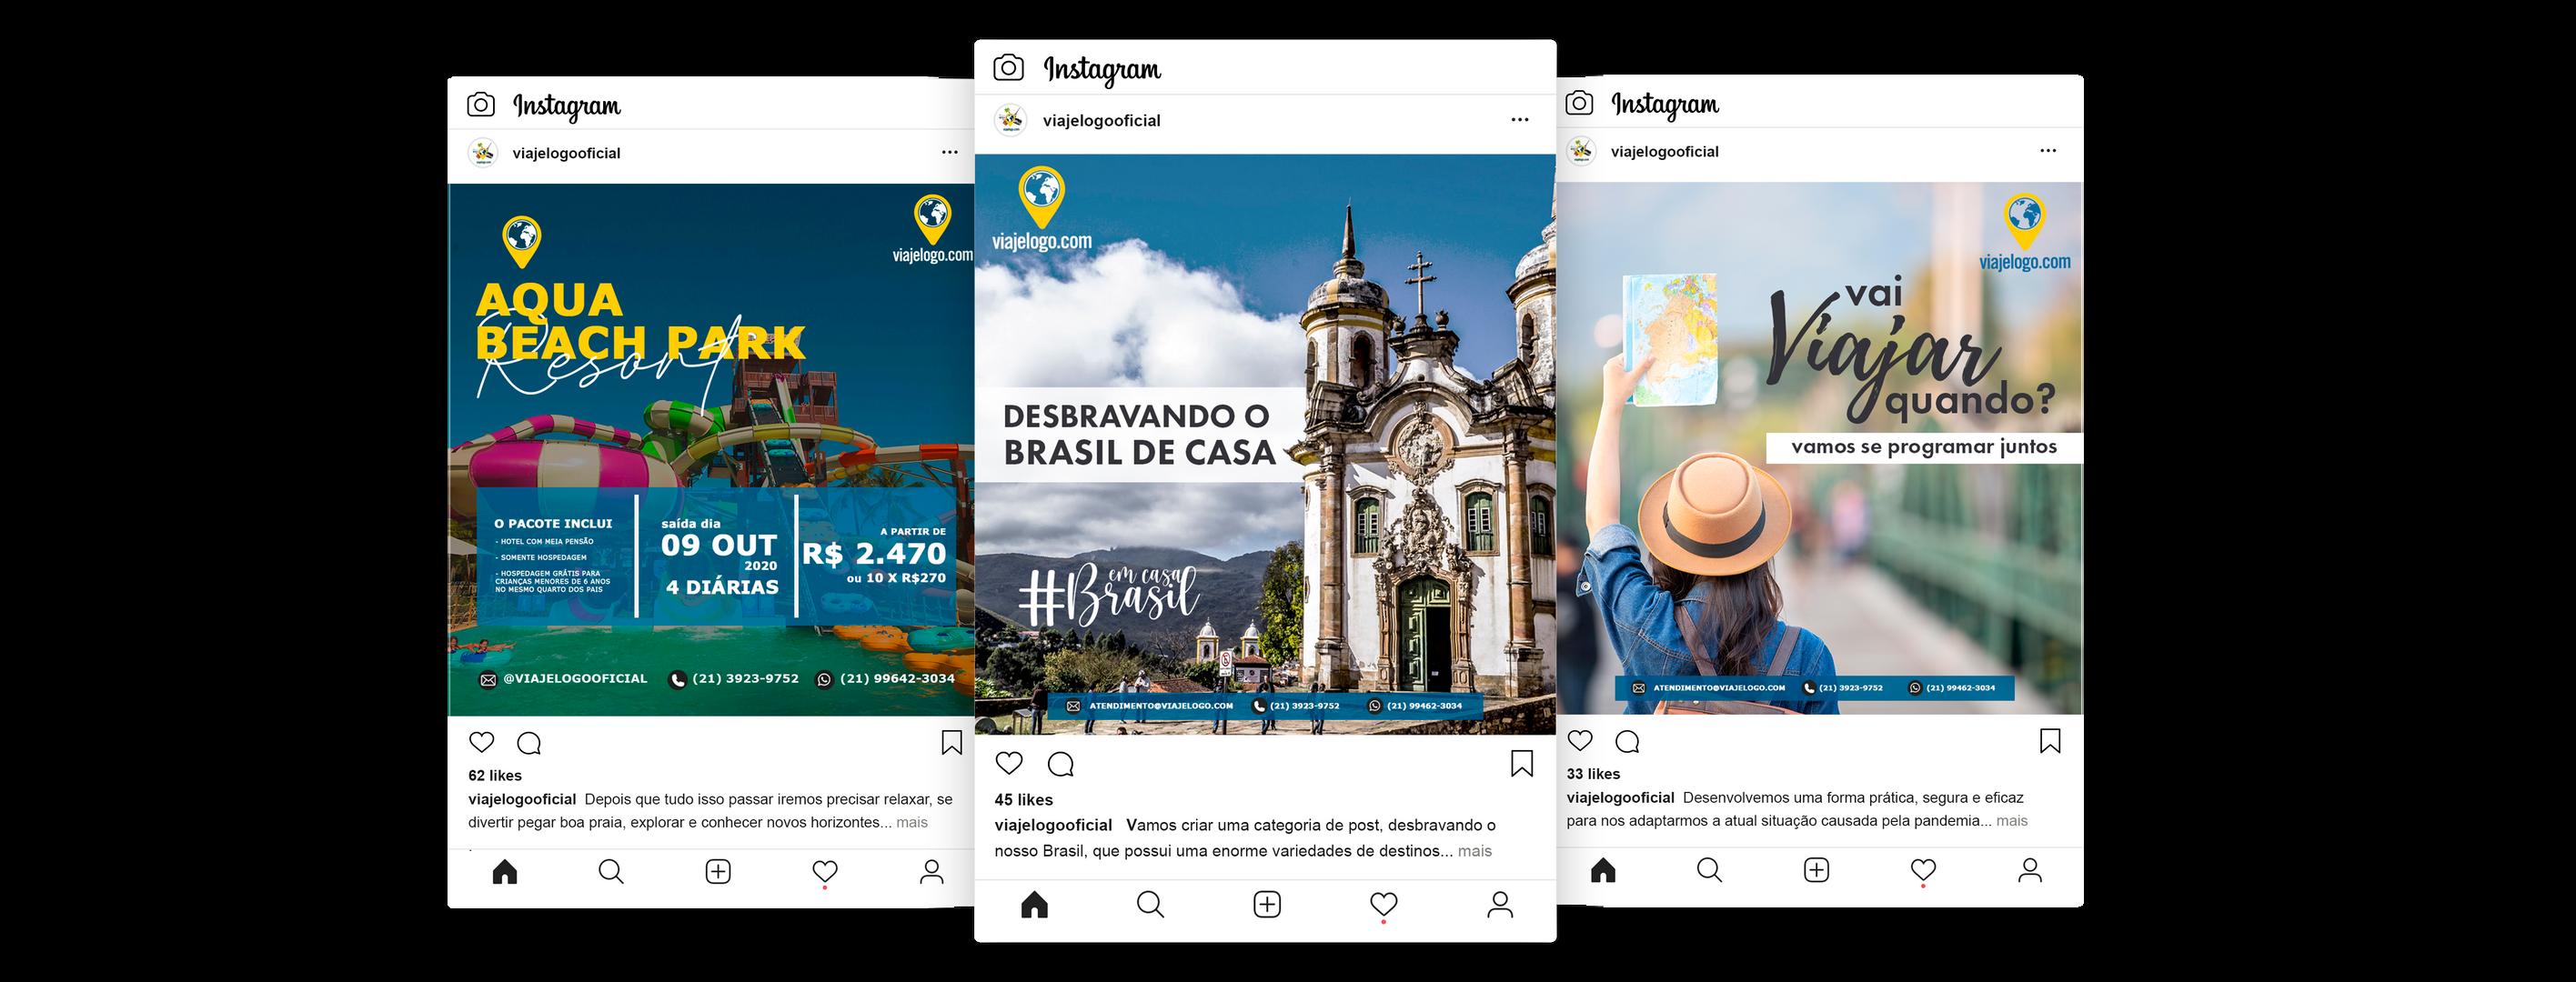 Instagram-Post-viajelogo.png